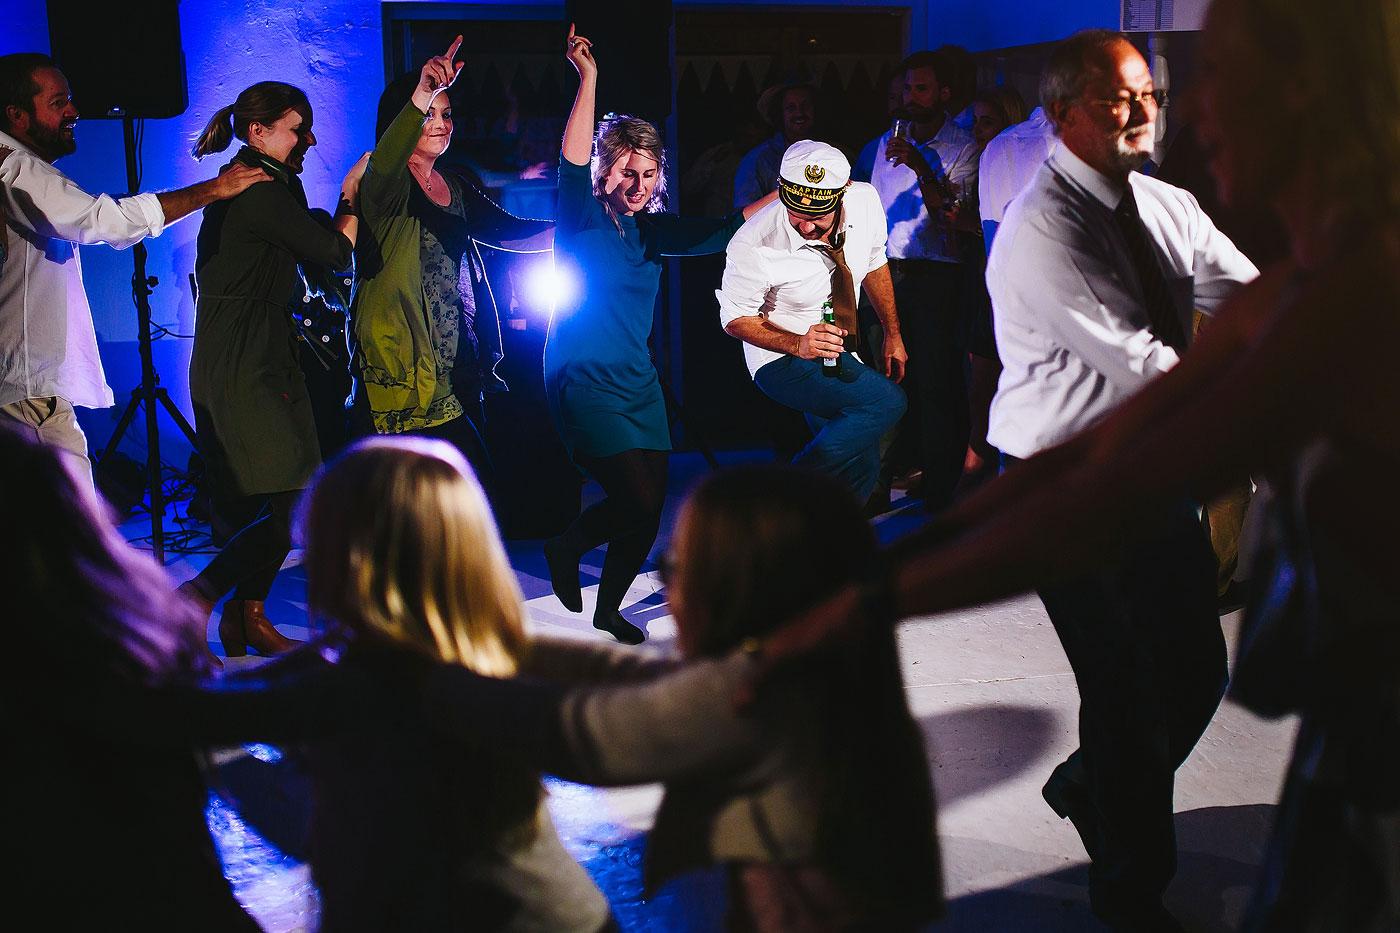 Guests dancing and having fun at a wedding